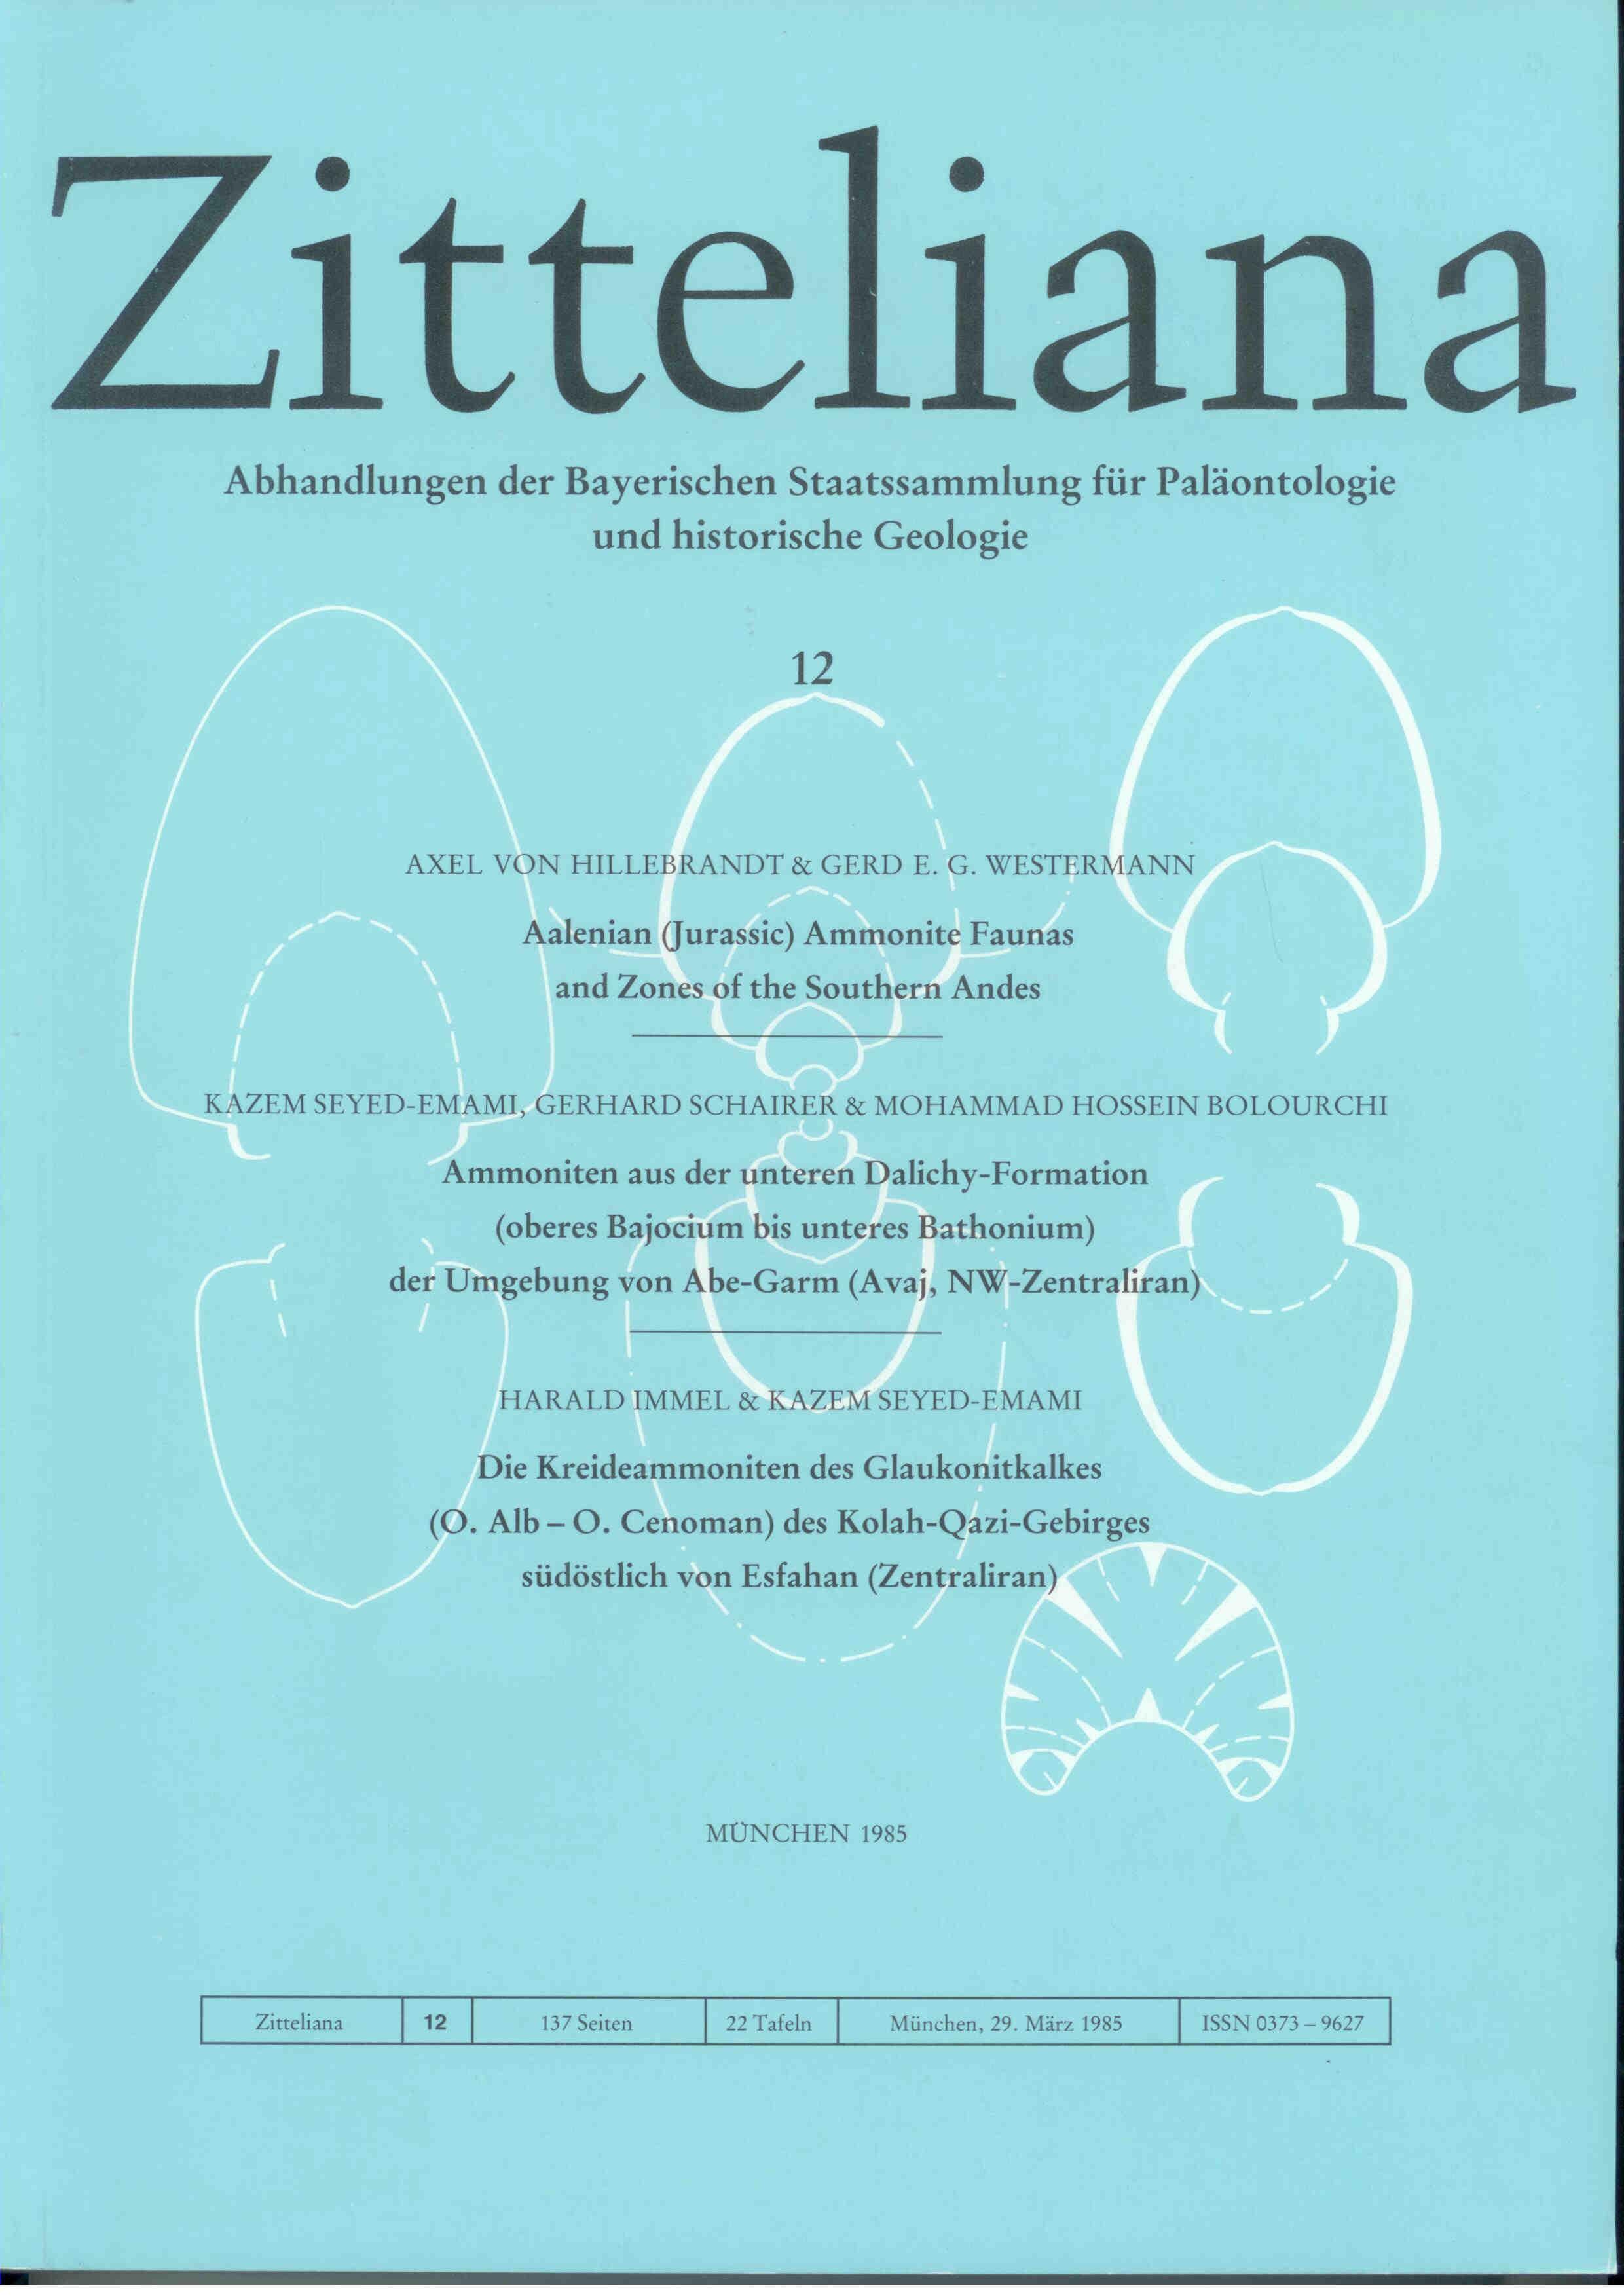 Hillebrandt A. von, Westermann G. Seyed-Emami K., Schairer G., Bolourchi M.: Aalenian (Jurassic) Ammonite Faunas and Zones of the Southern Andes. Ammoniten aus der unteren Dalichy-Formation (oberes Bajocum bis unteres Bathonium). ZITTELIANA 12